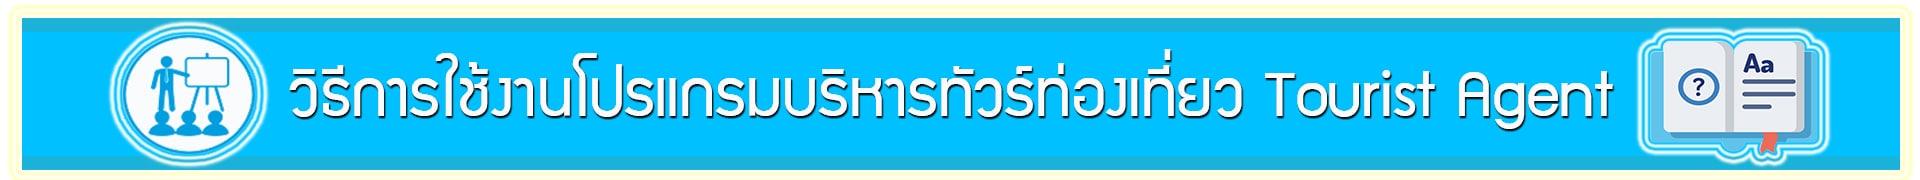 วิธีใช้งาน โปรแกรมบริหารงานทัวร์ touristagent-banner